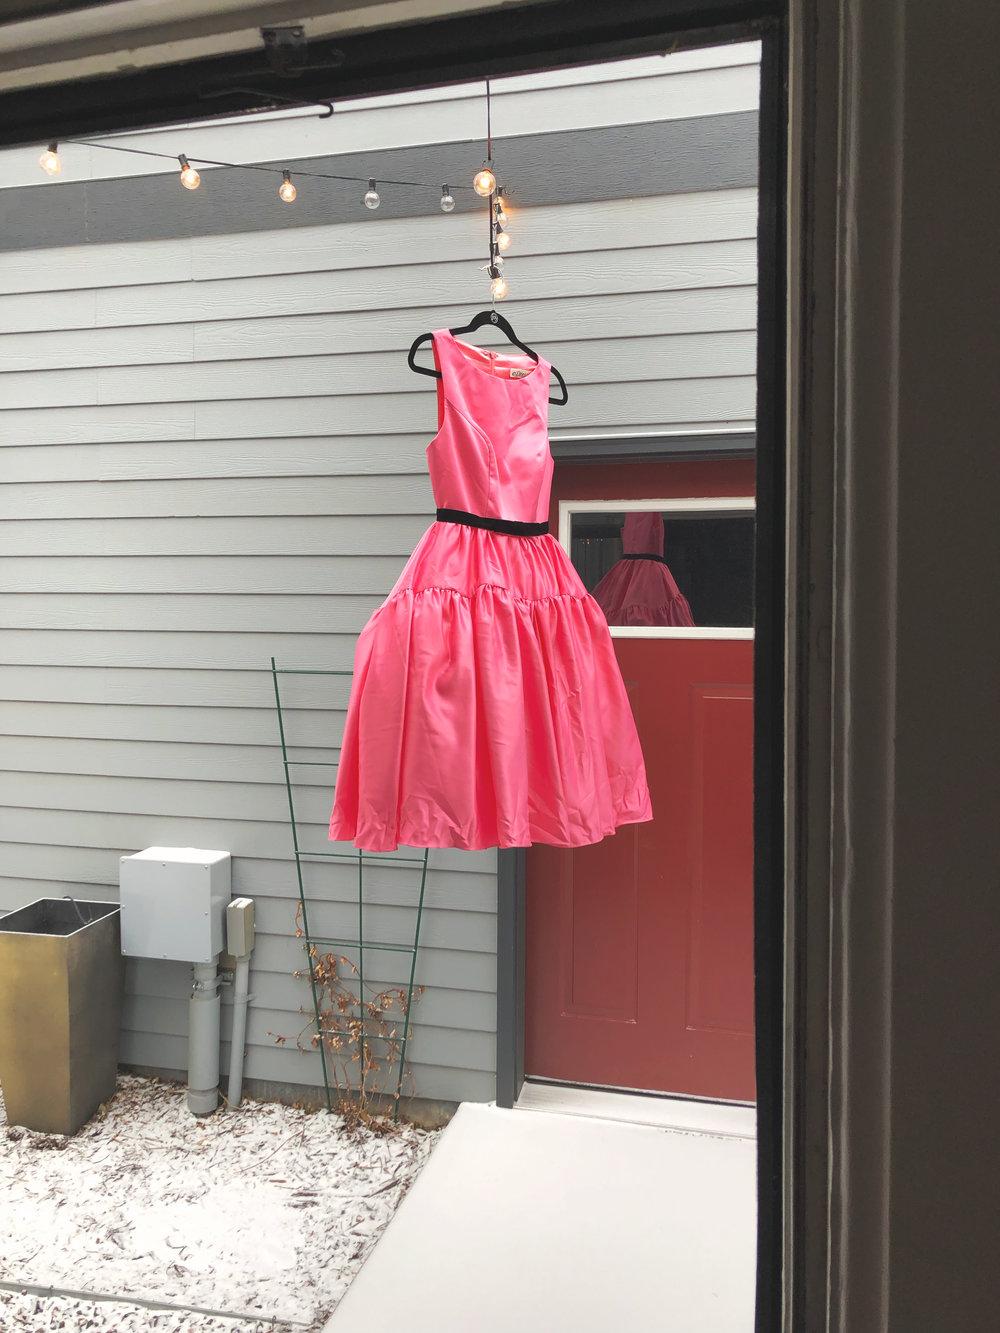 Oscar-de-la-renta-inspired-pink-dress.jpg